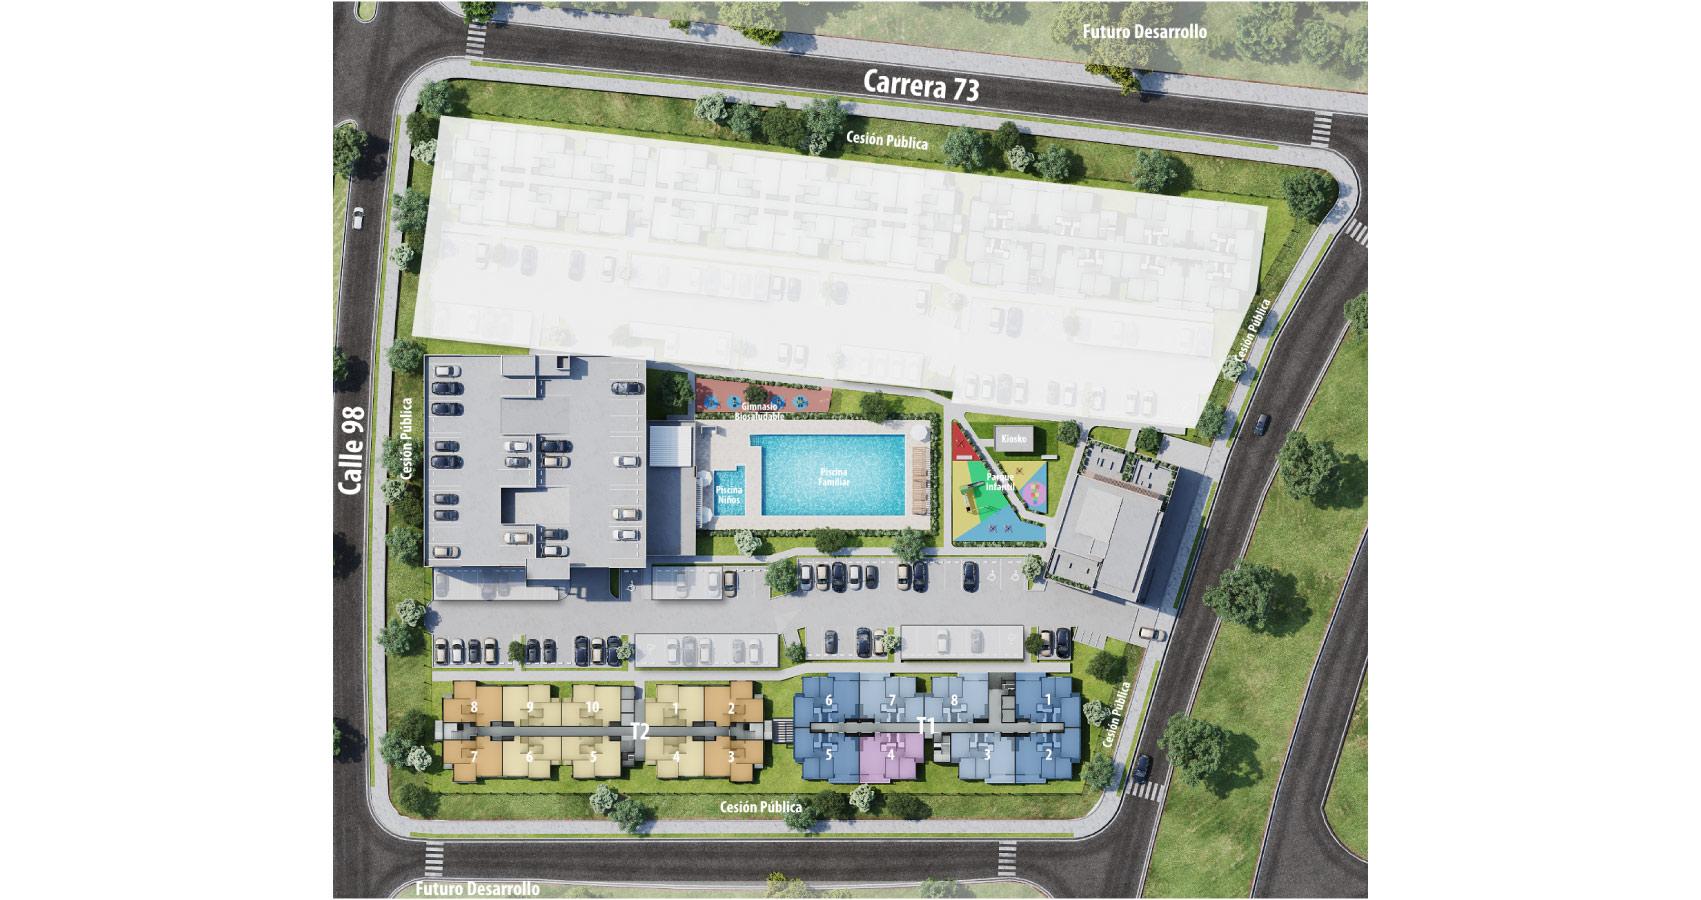 Catleya proyecto de apartamentos en Villa Carolina